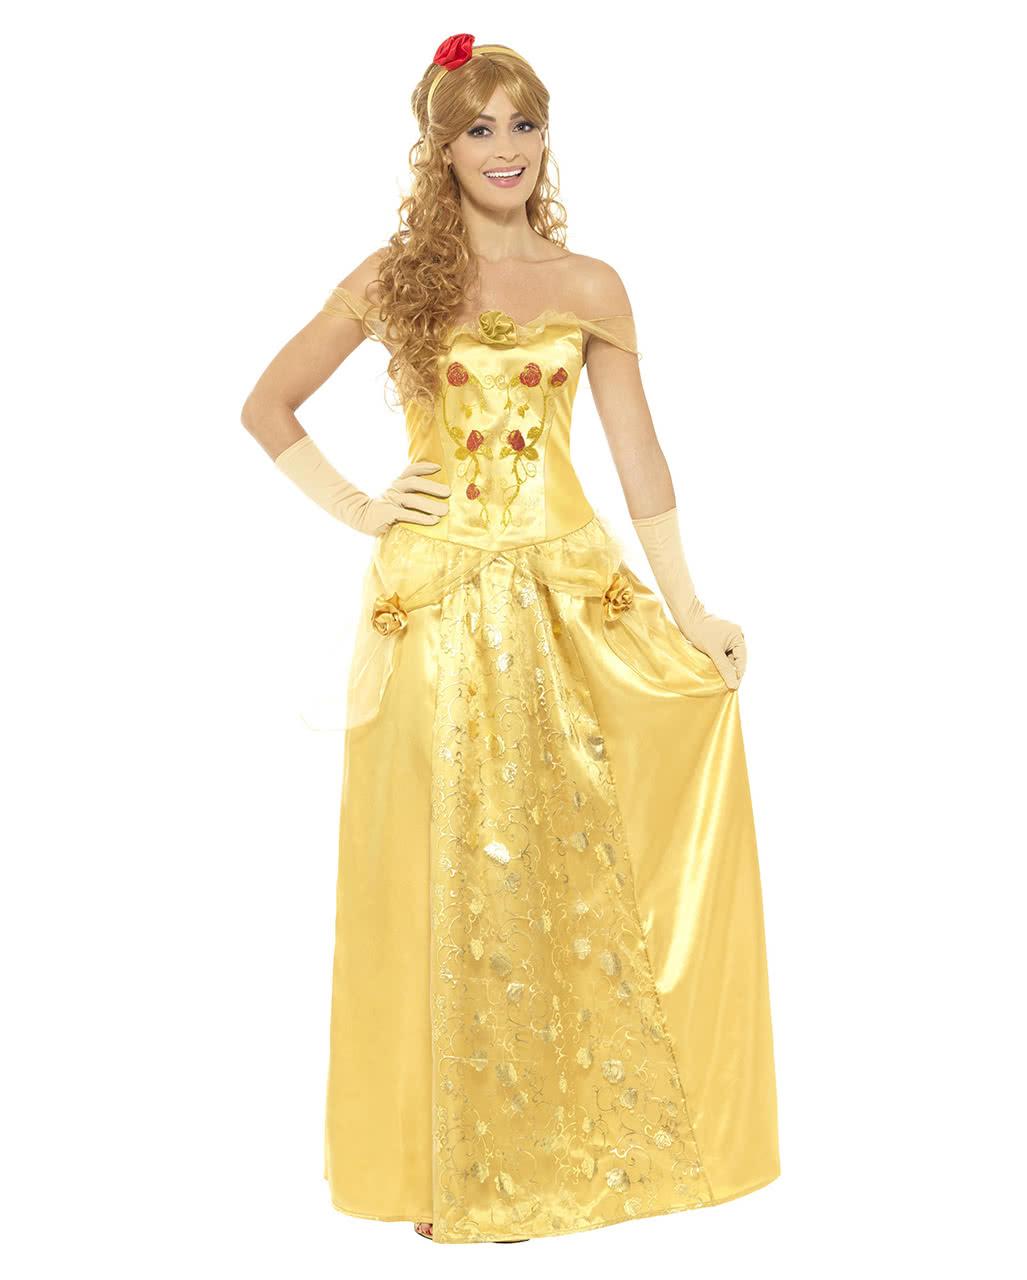 Goldene Prinzessin Kostum Belle Kostum Horror Shop Com